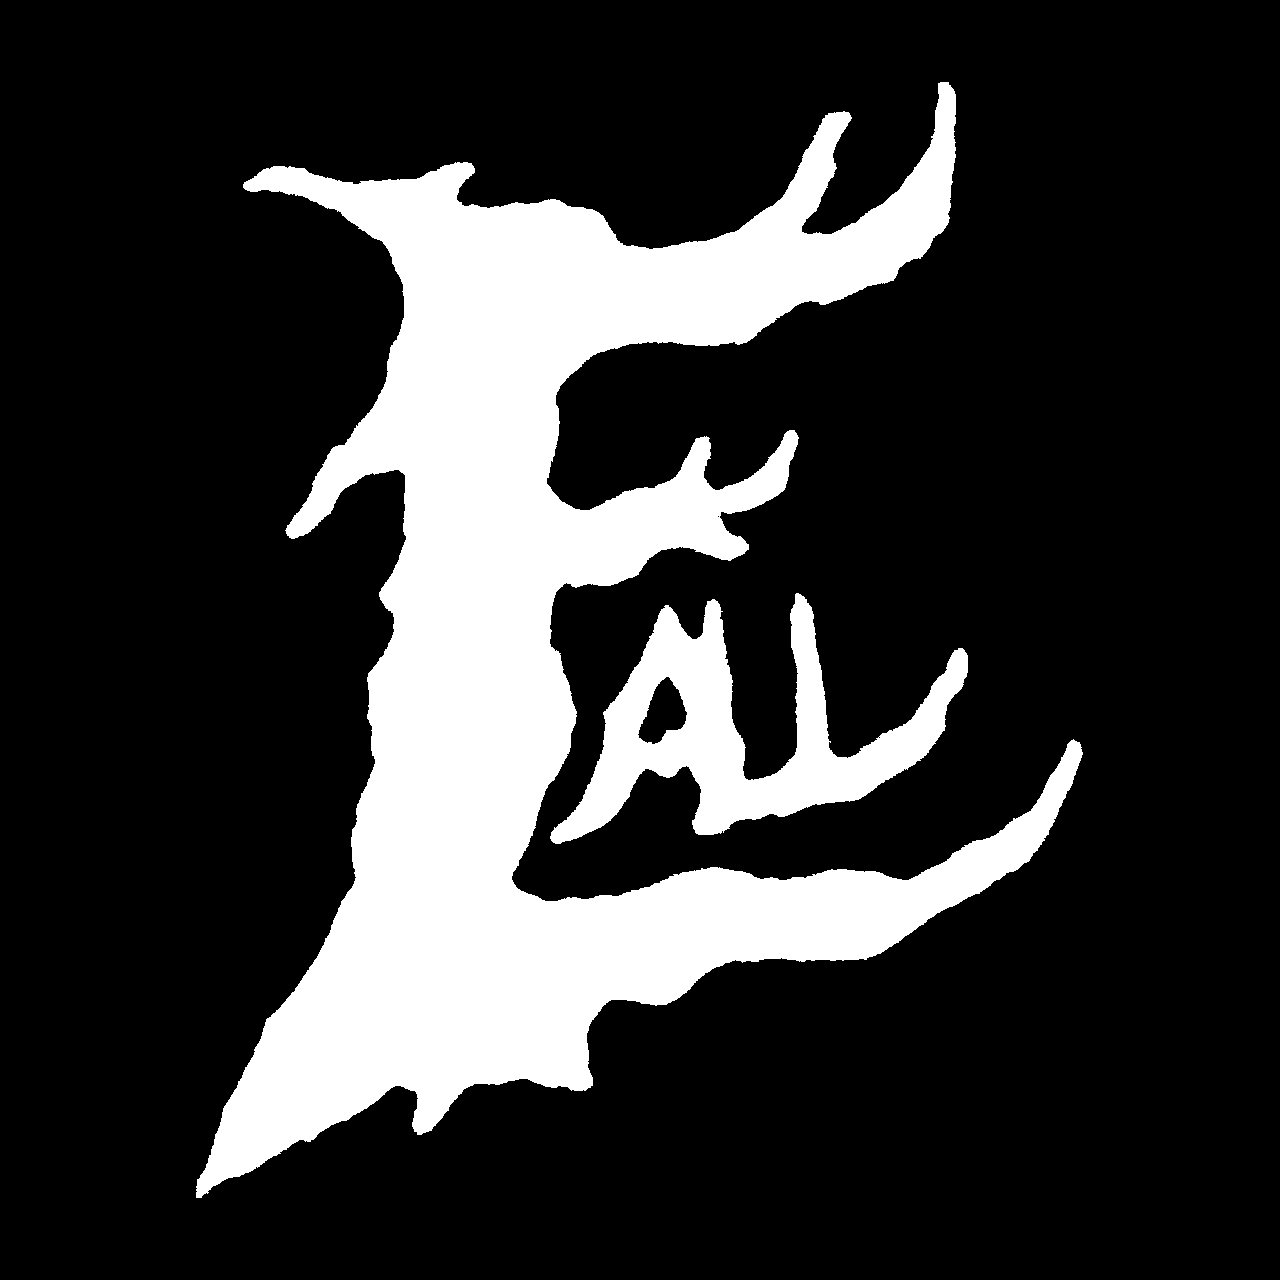 Eall - Logo